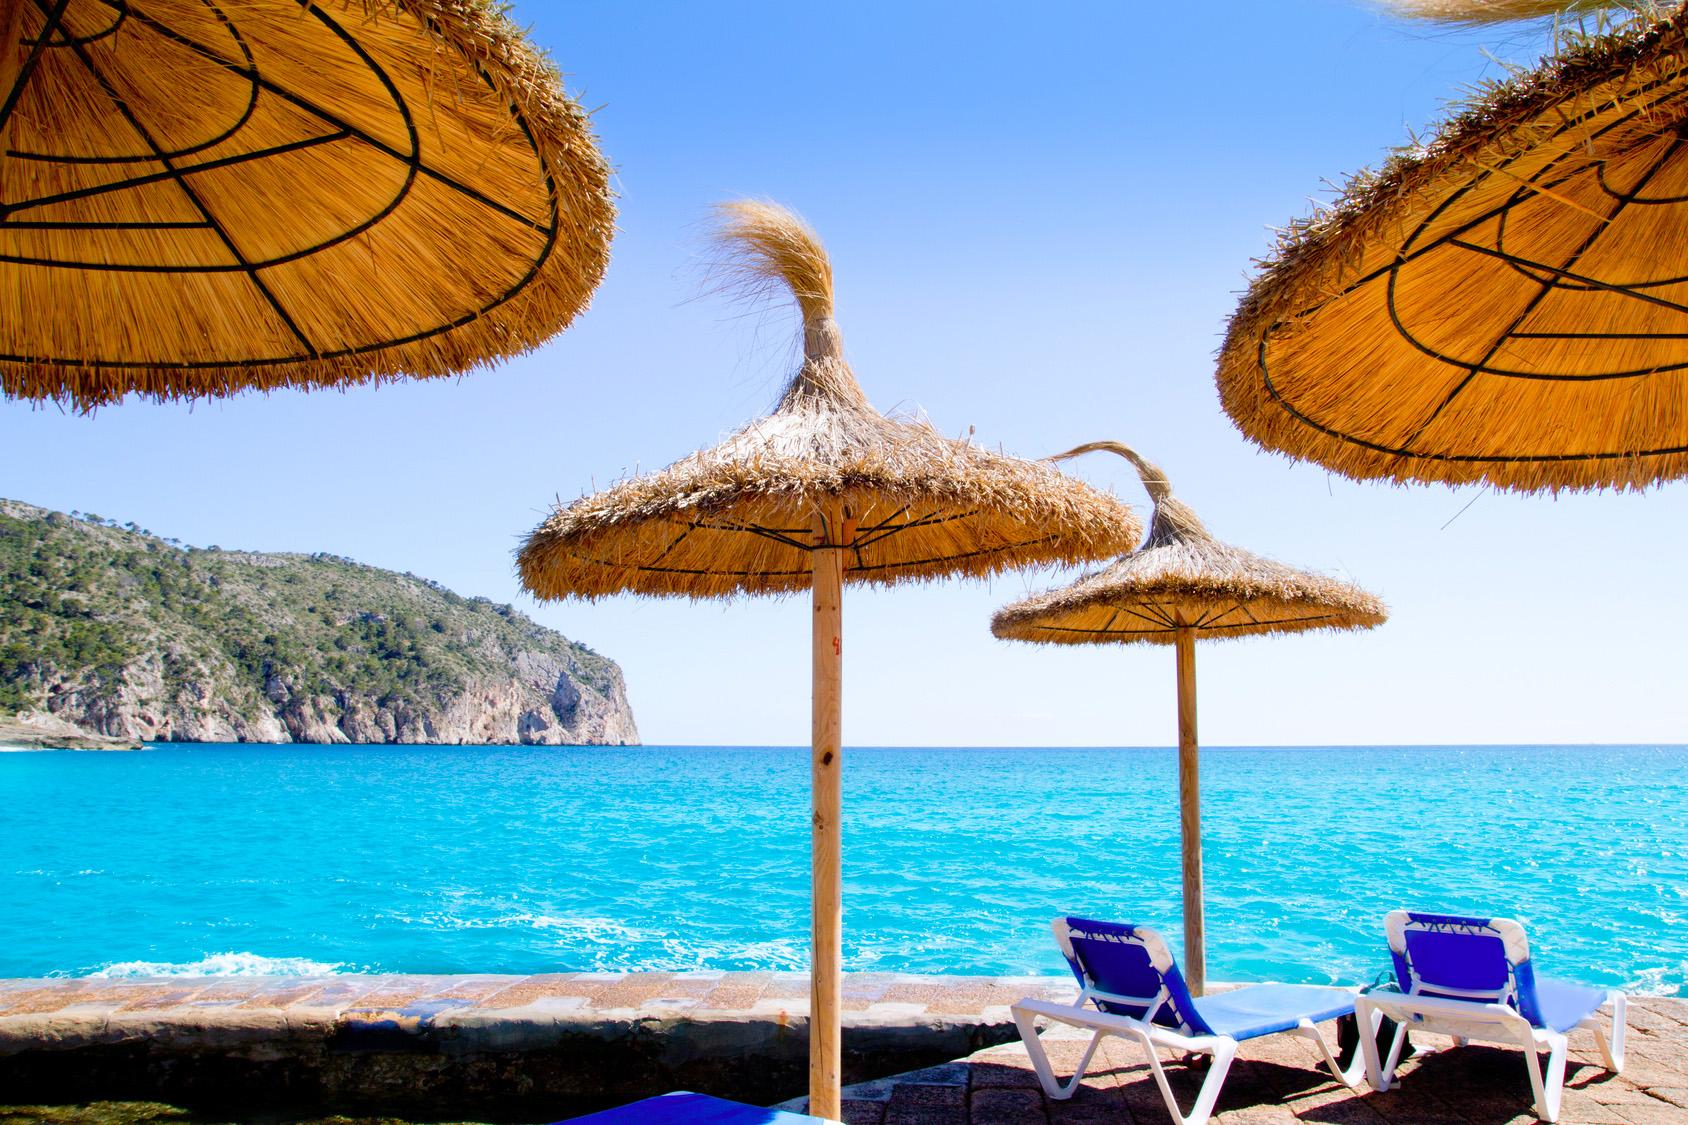 Camp de Mar in Andratx Mallorca